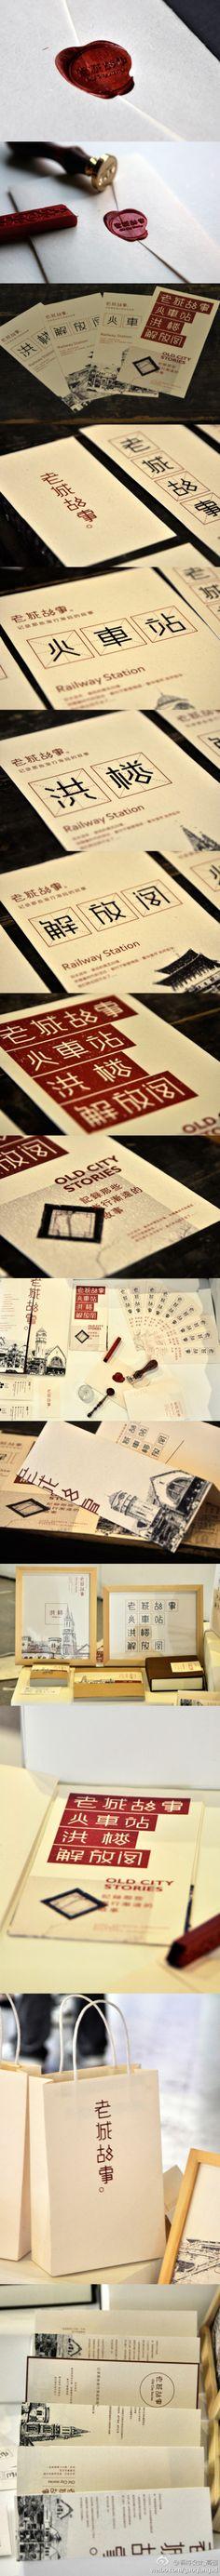 老城故事 old story #identity #packaging #branding #marketing PD